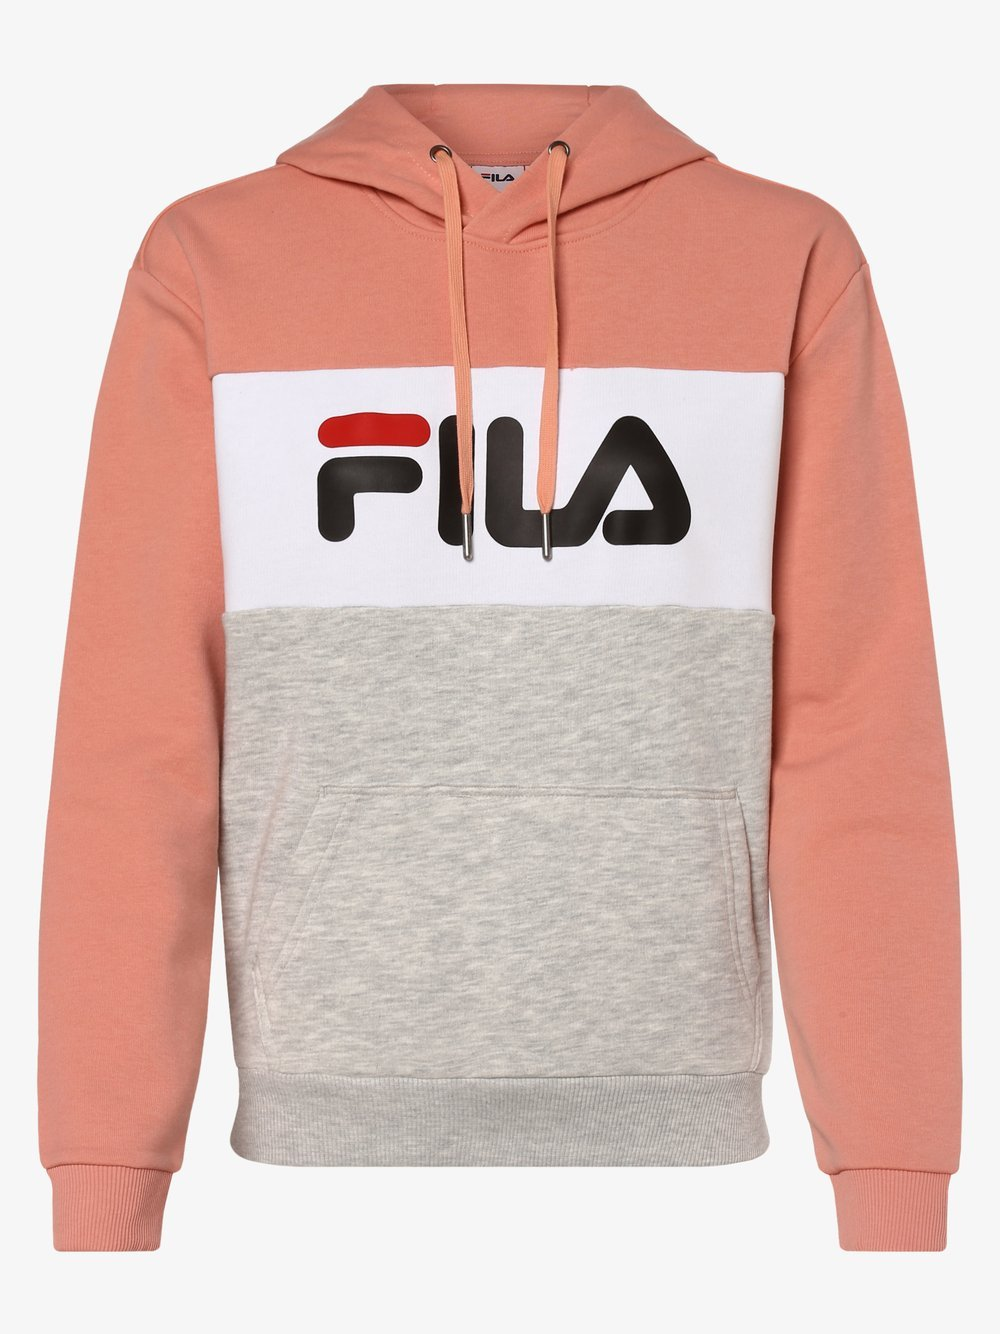 FILA - Damska bluza nierozpinana – Lori, pomarańczowy